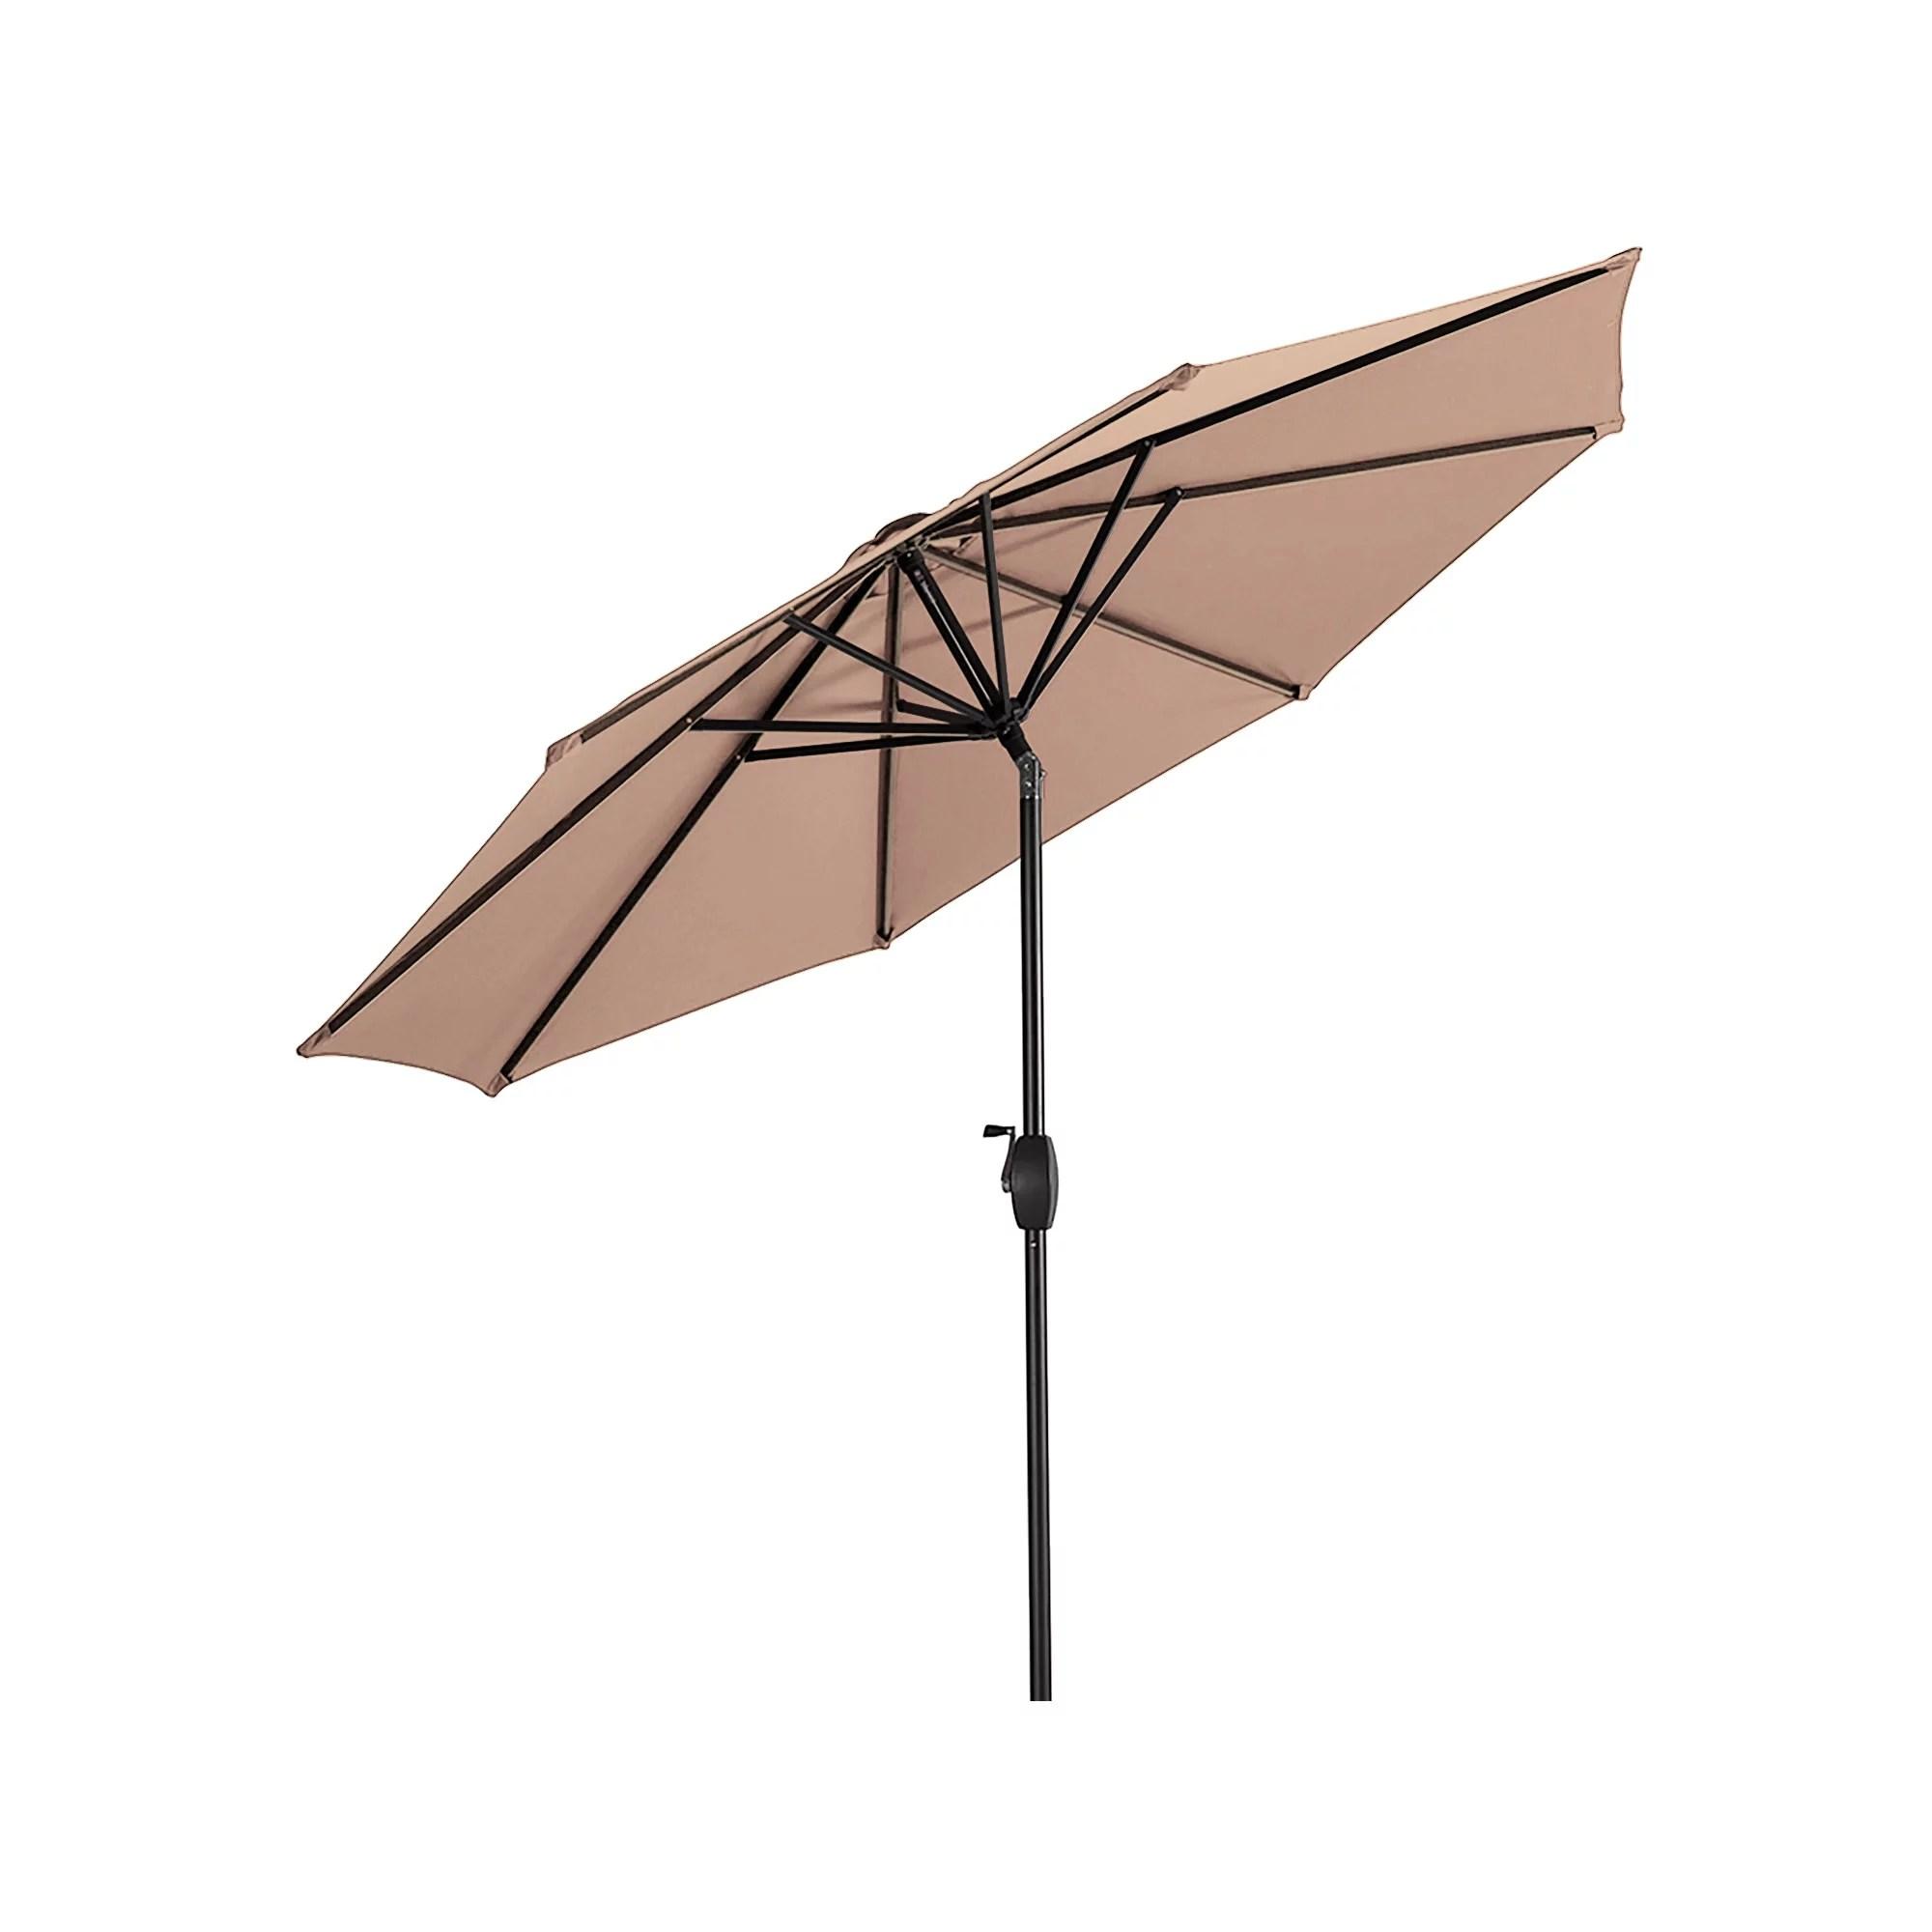 westin outdoor 9 ft patio market table umbrella with tilt crank beige